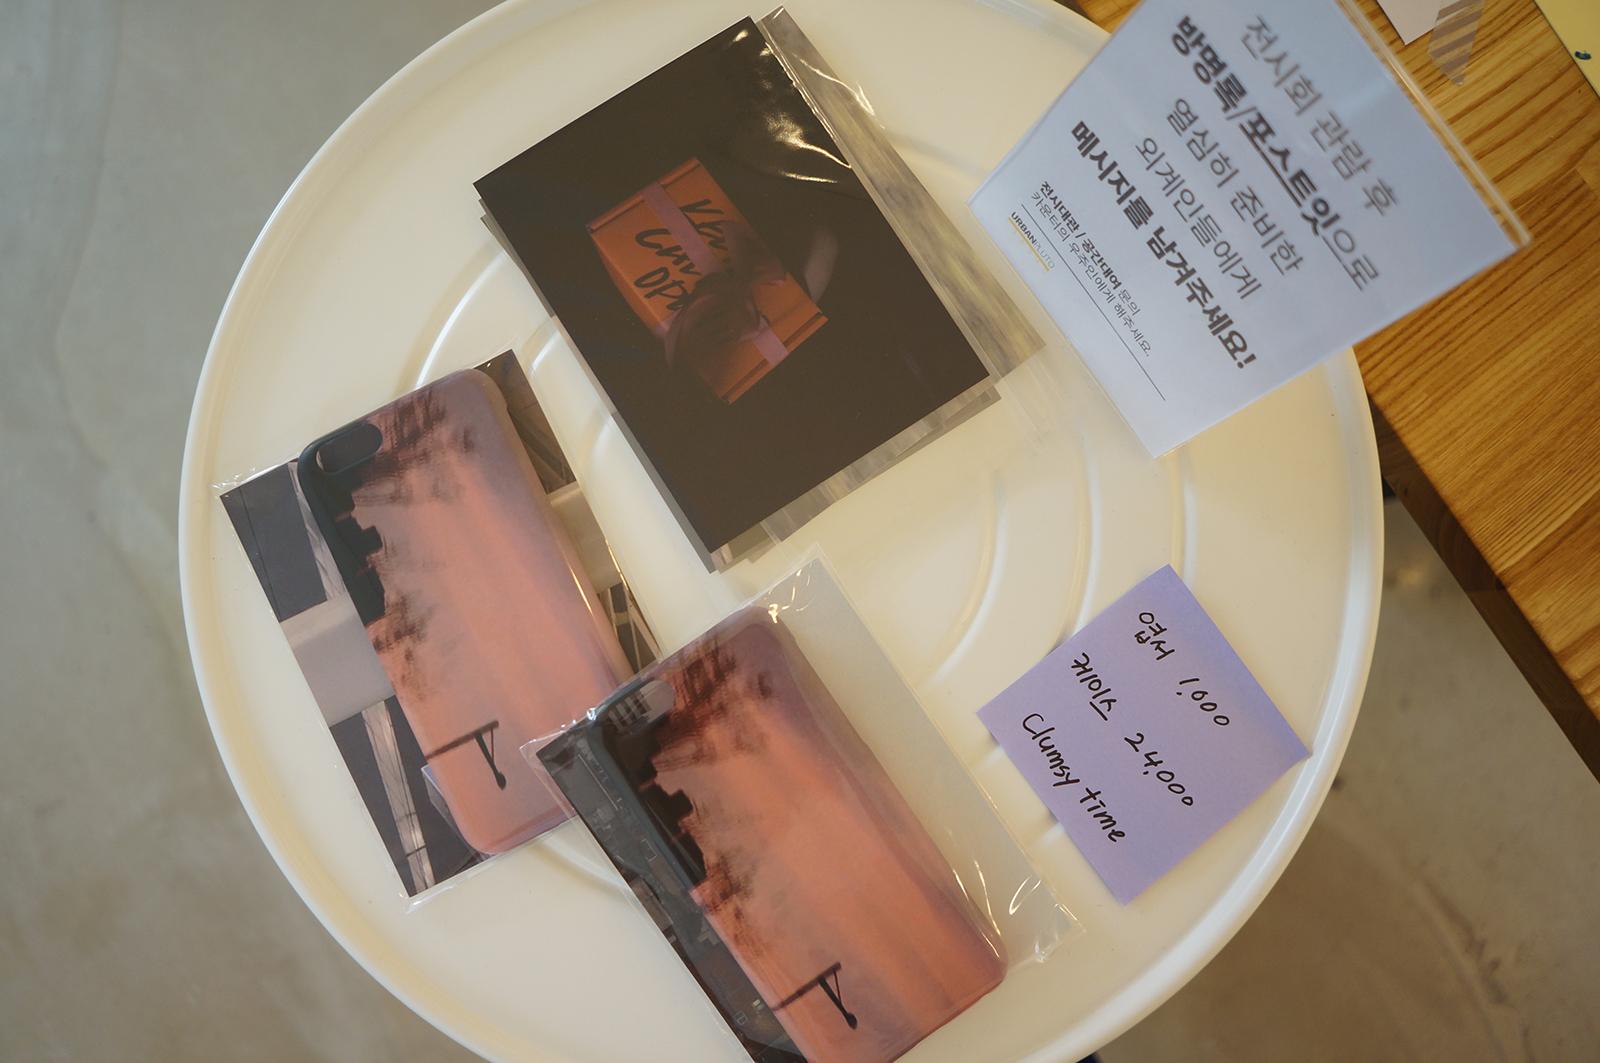 김예은, 이다연 작가의 사진 작품으로 만들어진 핸드폰 케이스와 엽서들